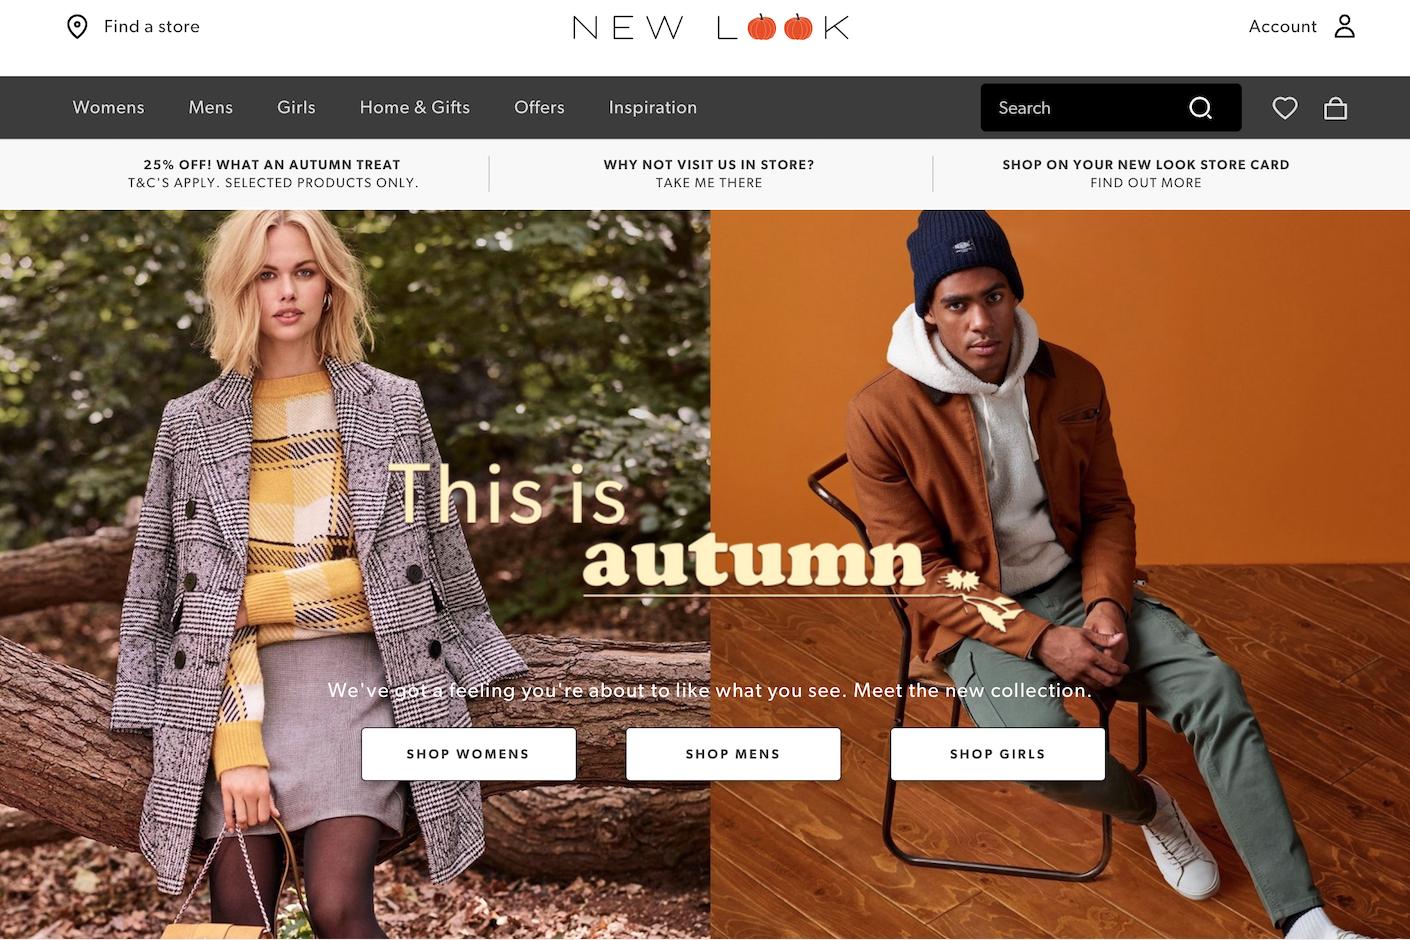 英国高街品牌New Look 宣布退出中国市场,年内将关闭剩余120家门店